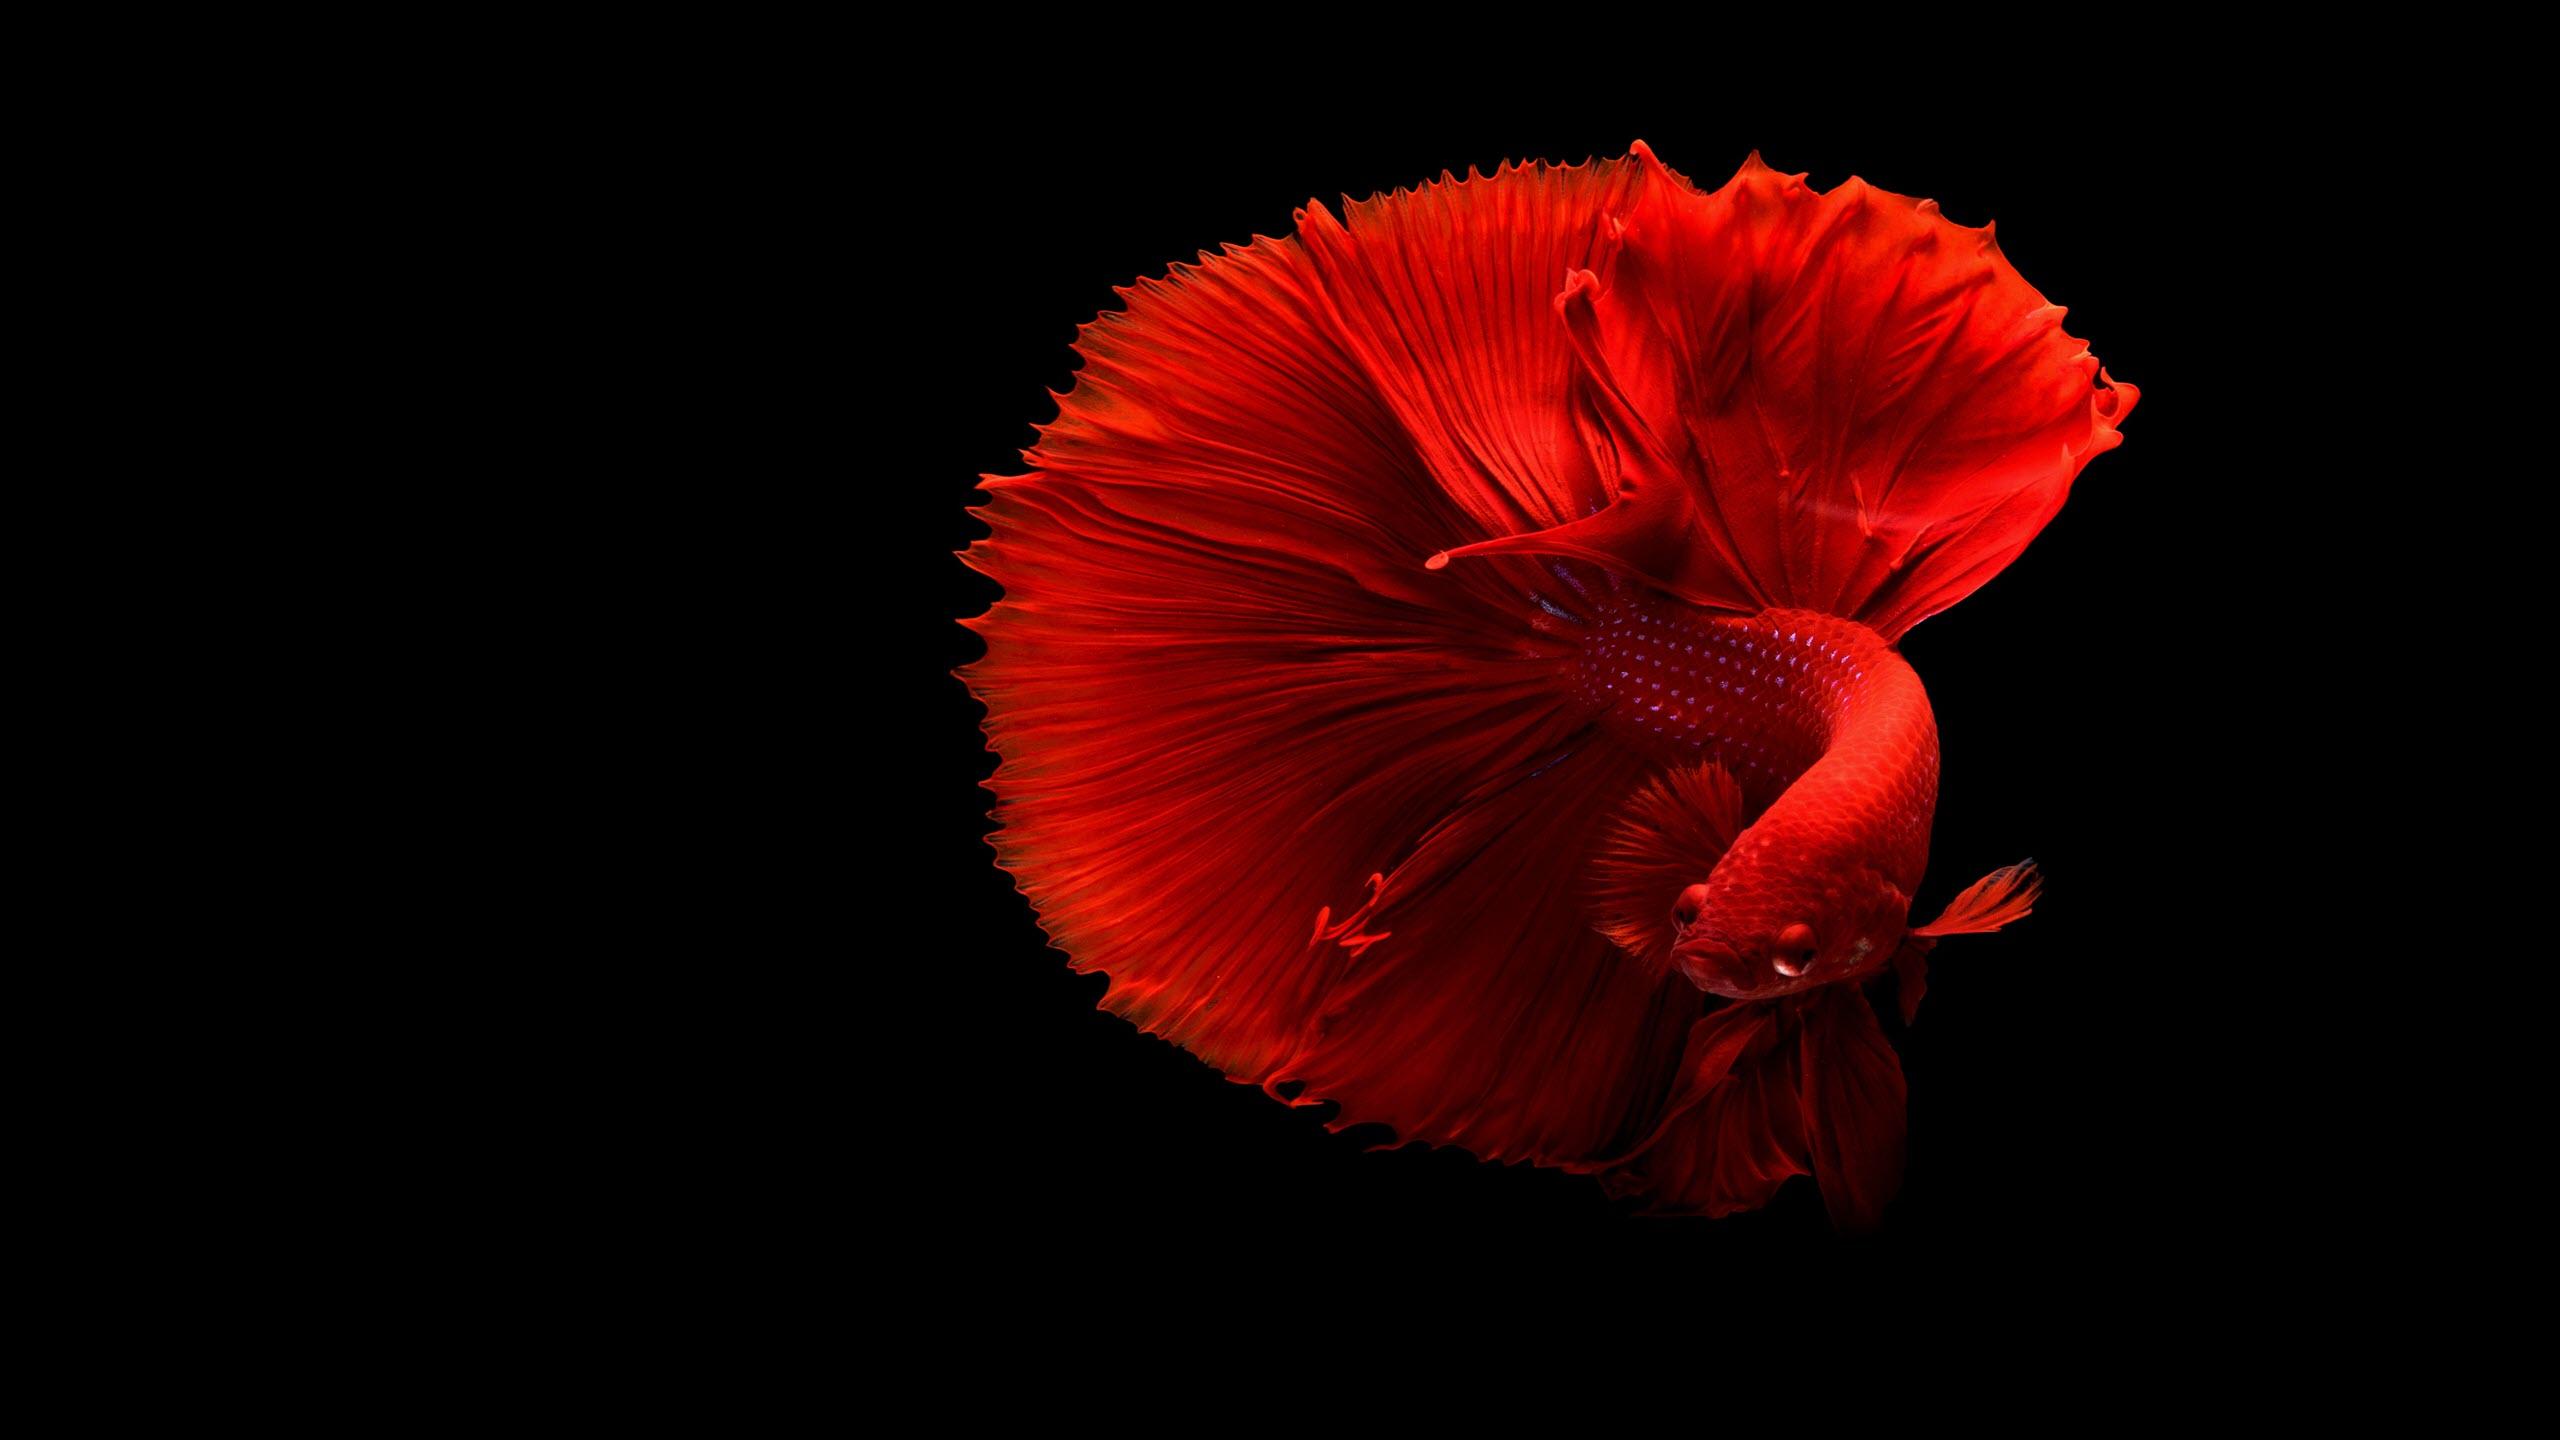 Hình nền màu đỏ đẹp nhất